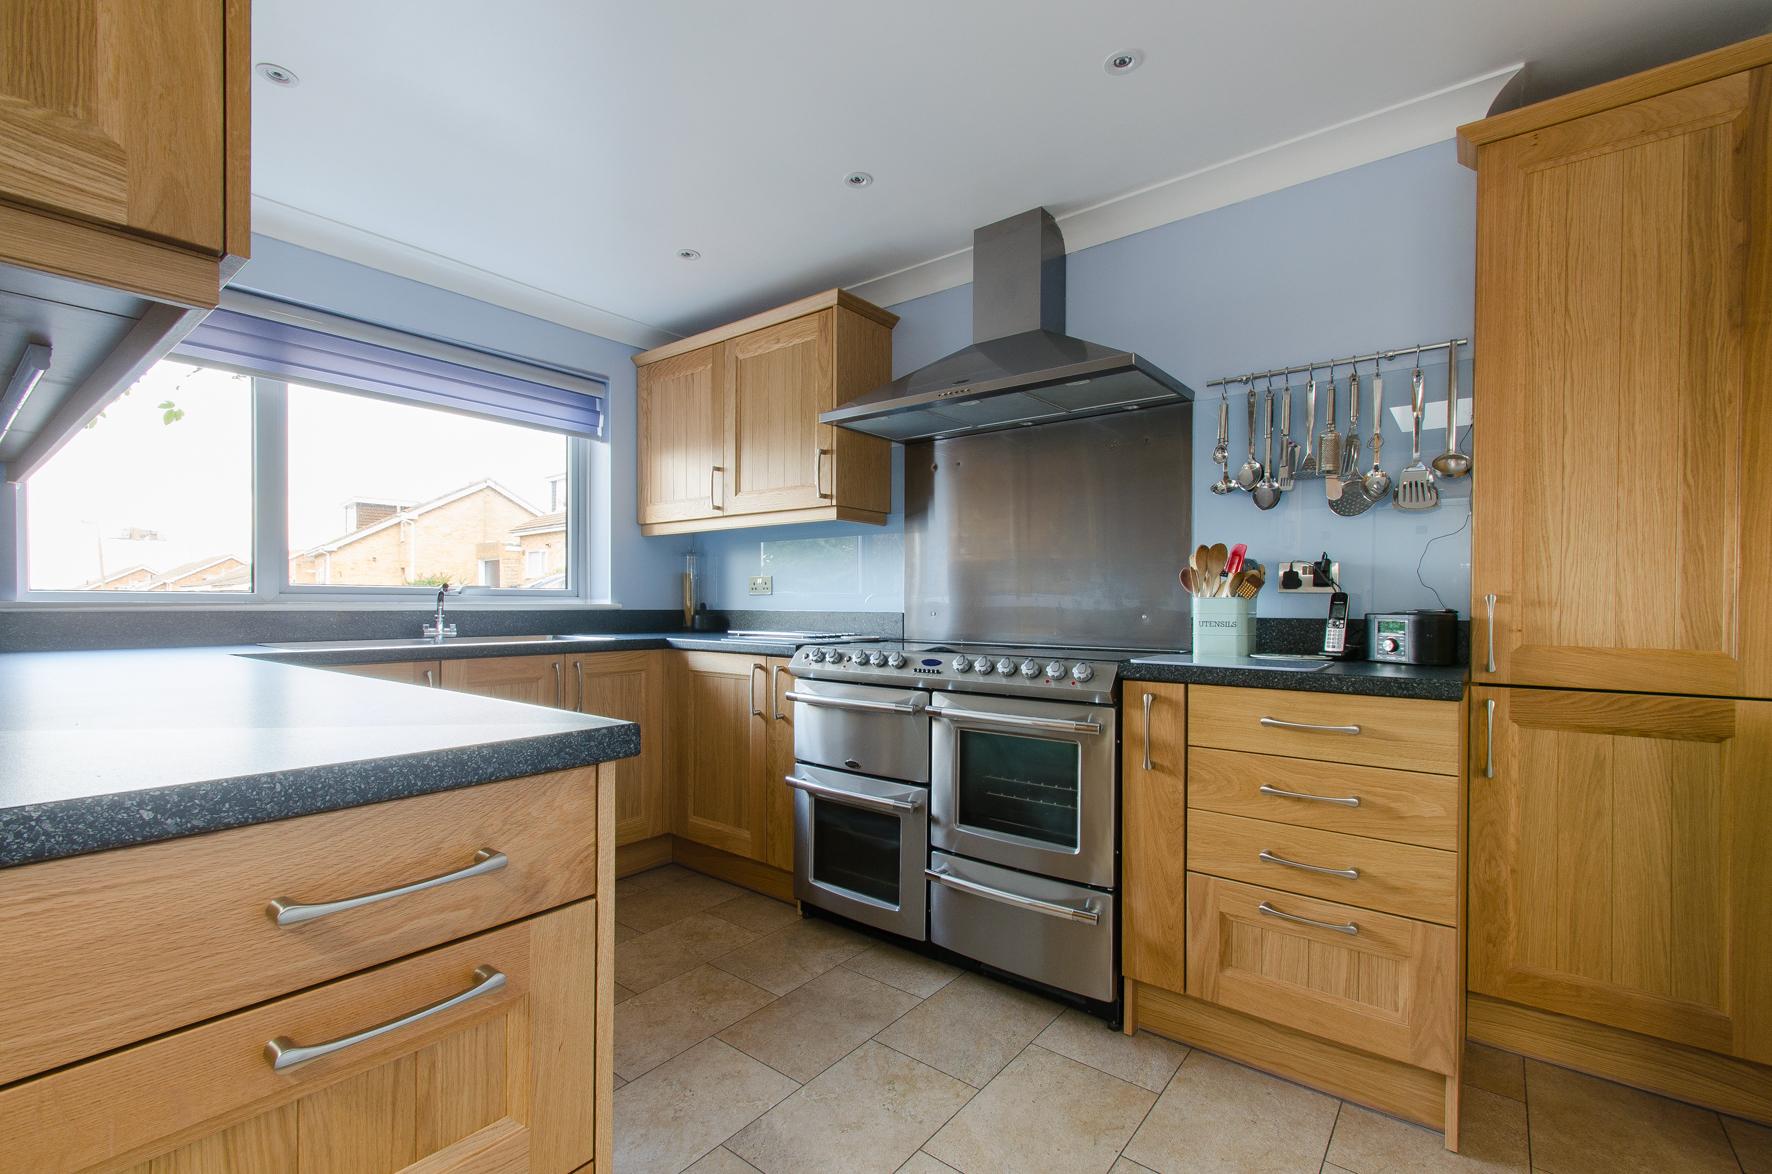 36 Cranleigh kitchen 3.jpg